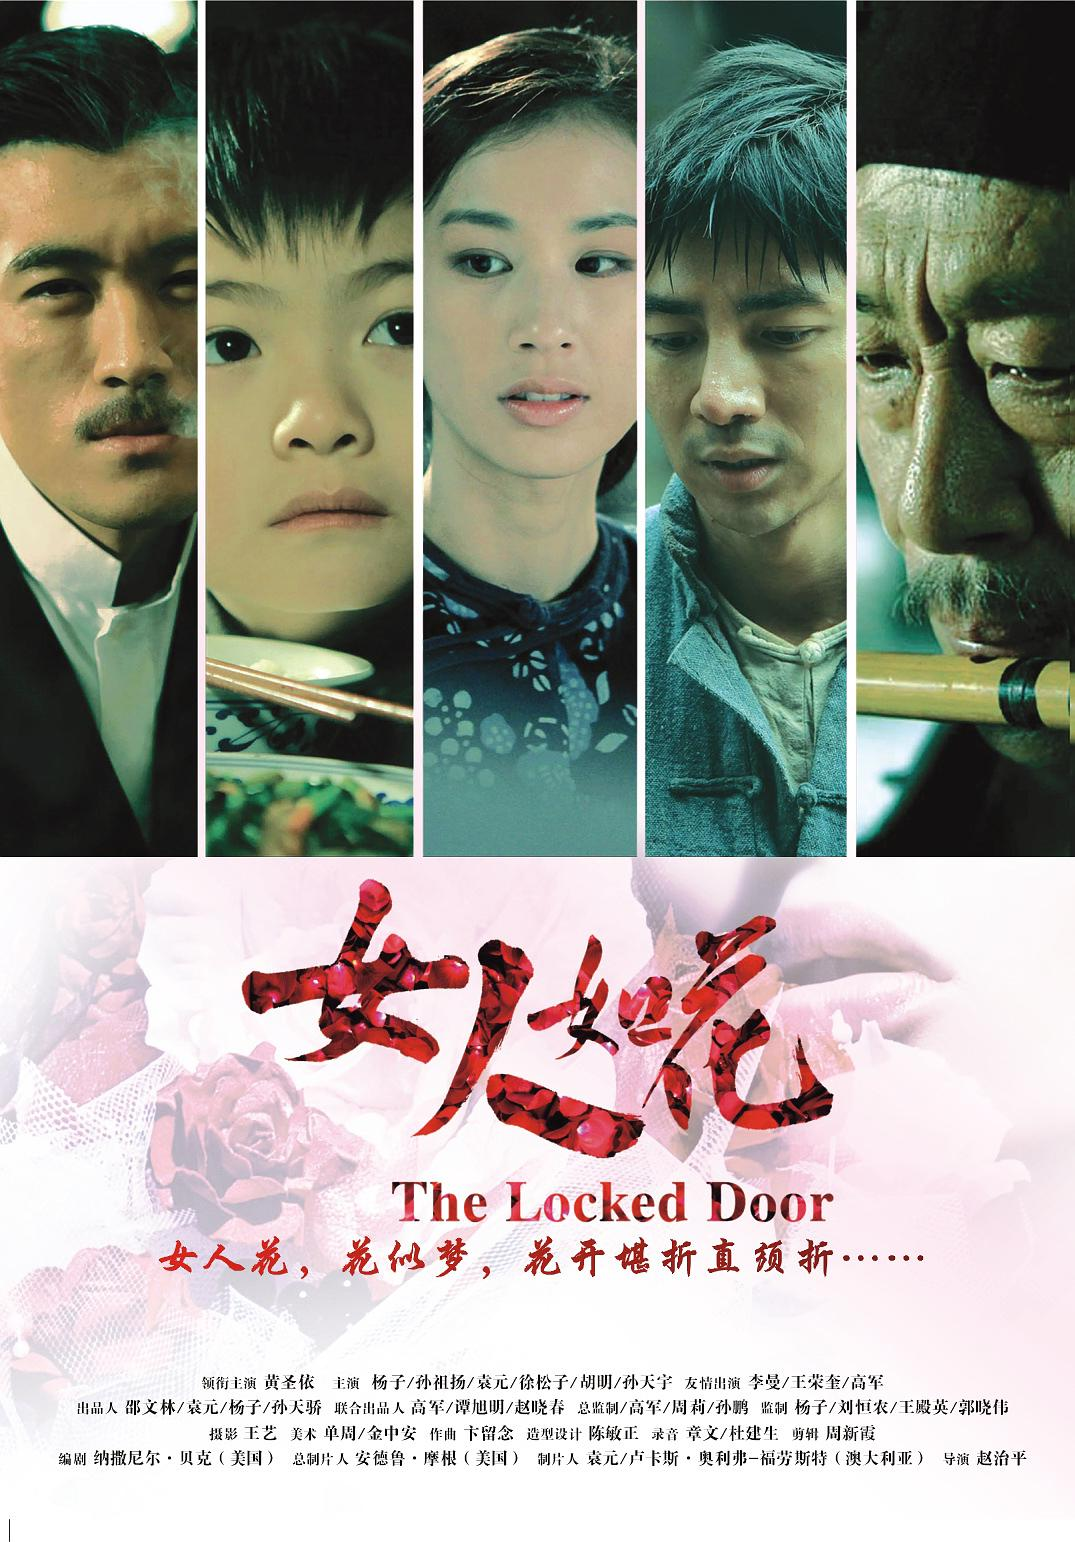 Review The Locked Door 2012 Sino Cinema 神州电影